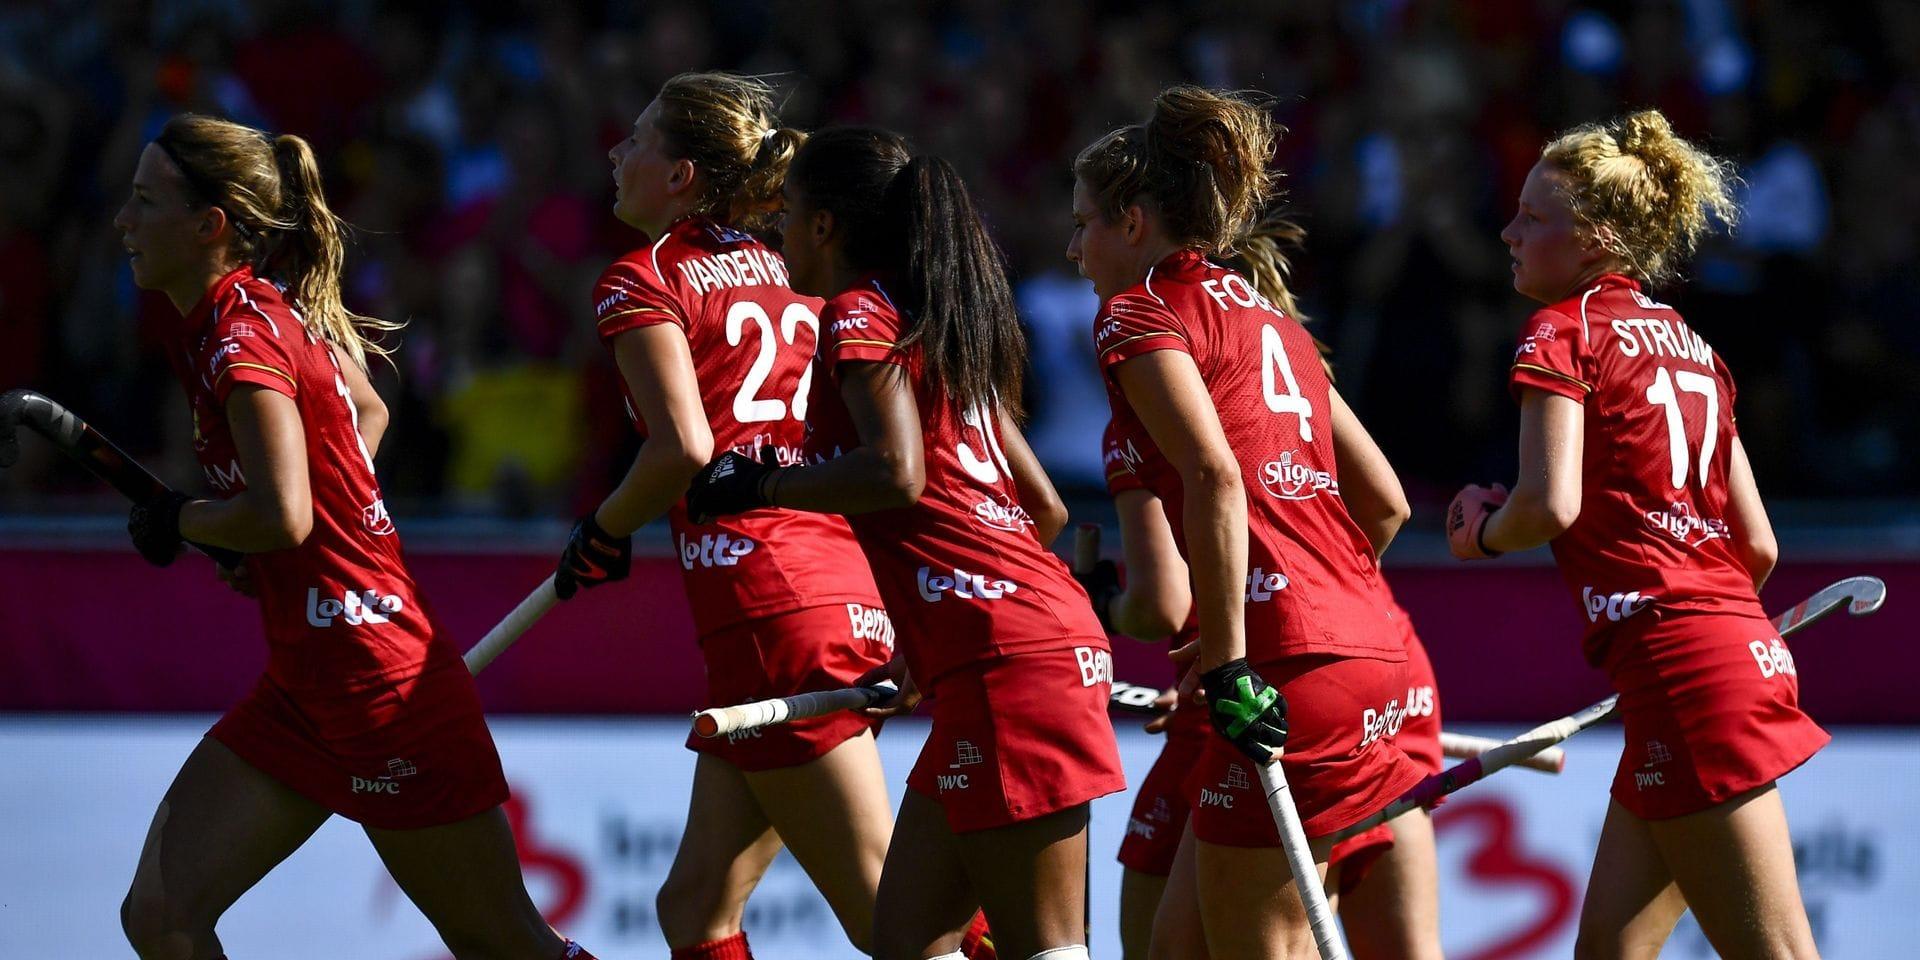 Les Red Panthers battent l'Irlande 4-2 et partent en confiance pour leur qualification olympique